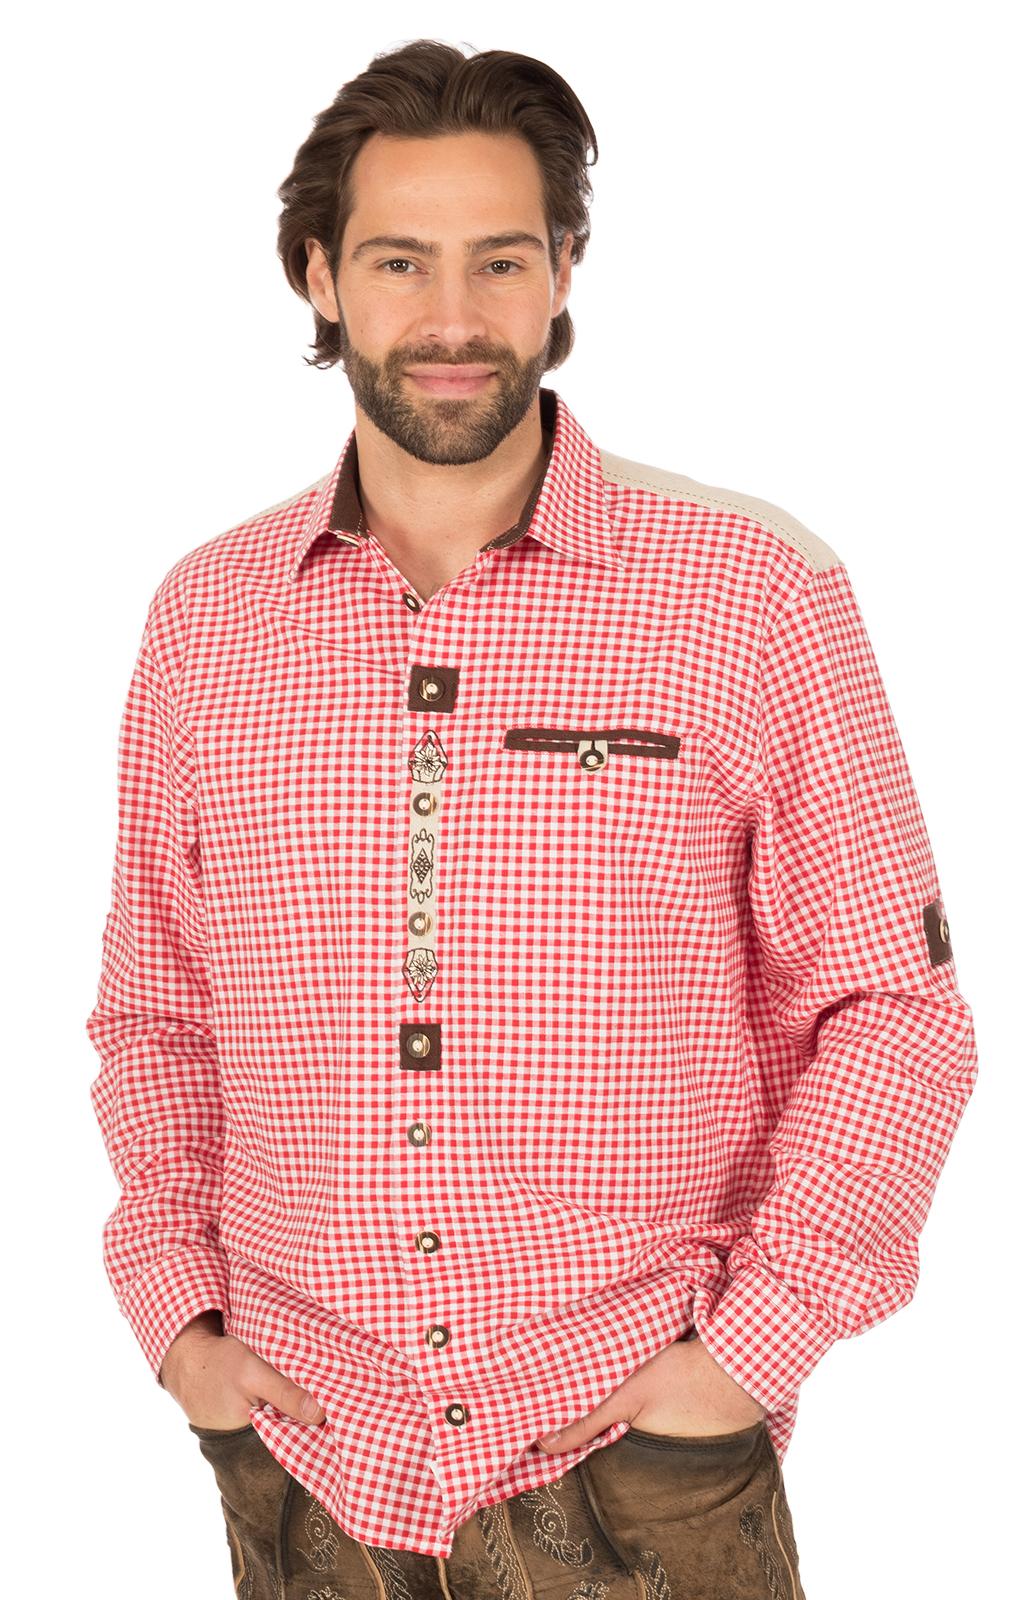 Trachtenhemd Krempelarm BELINI Karo weiss rot von OS-Trachten